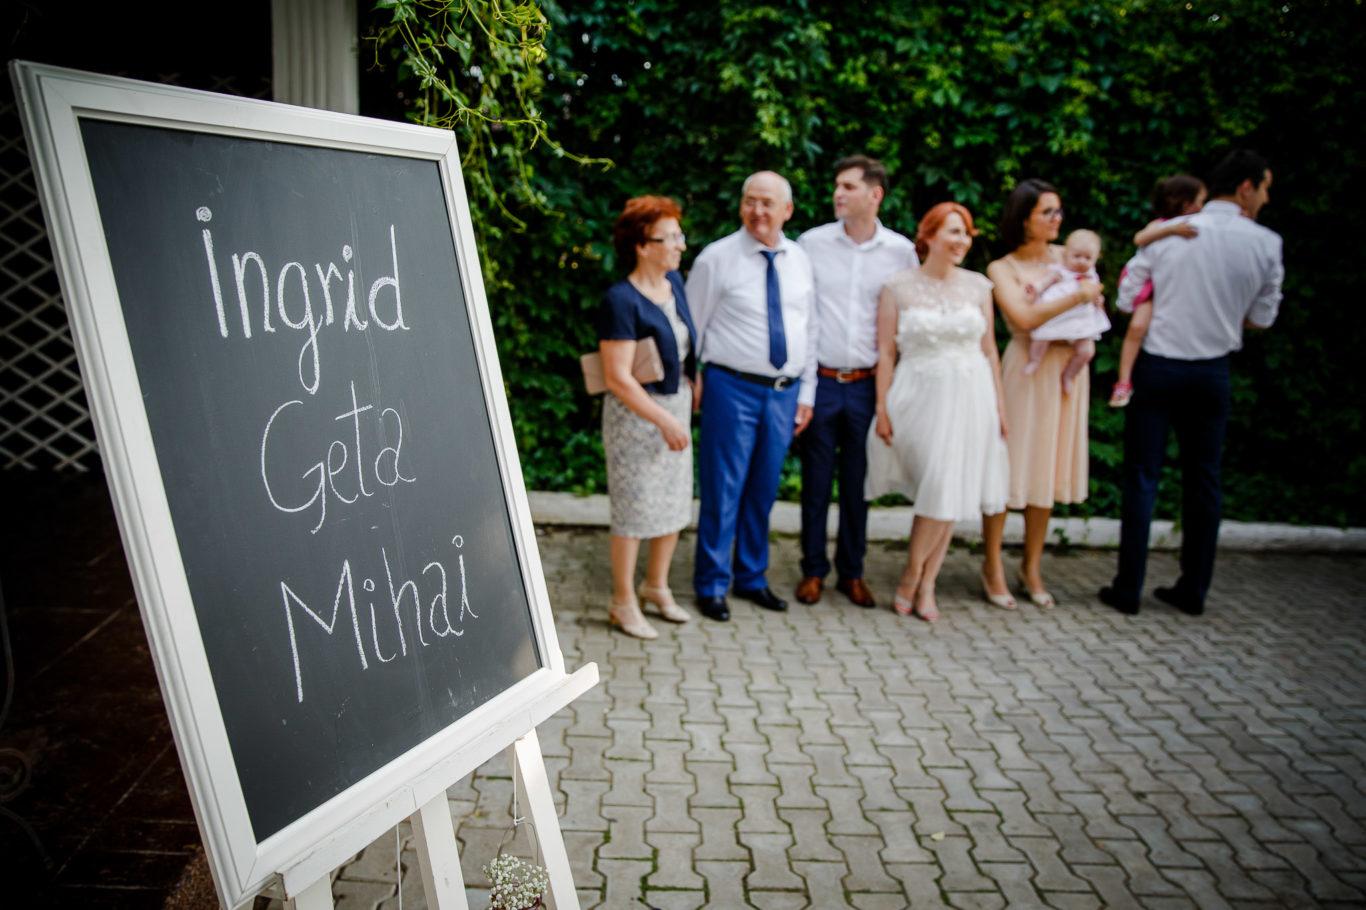 0483-Fotografie-nunta-botez-Ingrid-Geta-Mihai-fotograf-Ciprian-Dumitrescu-DCF_9313